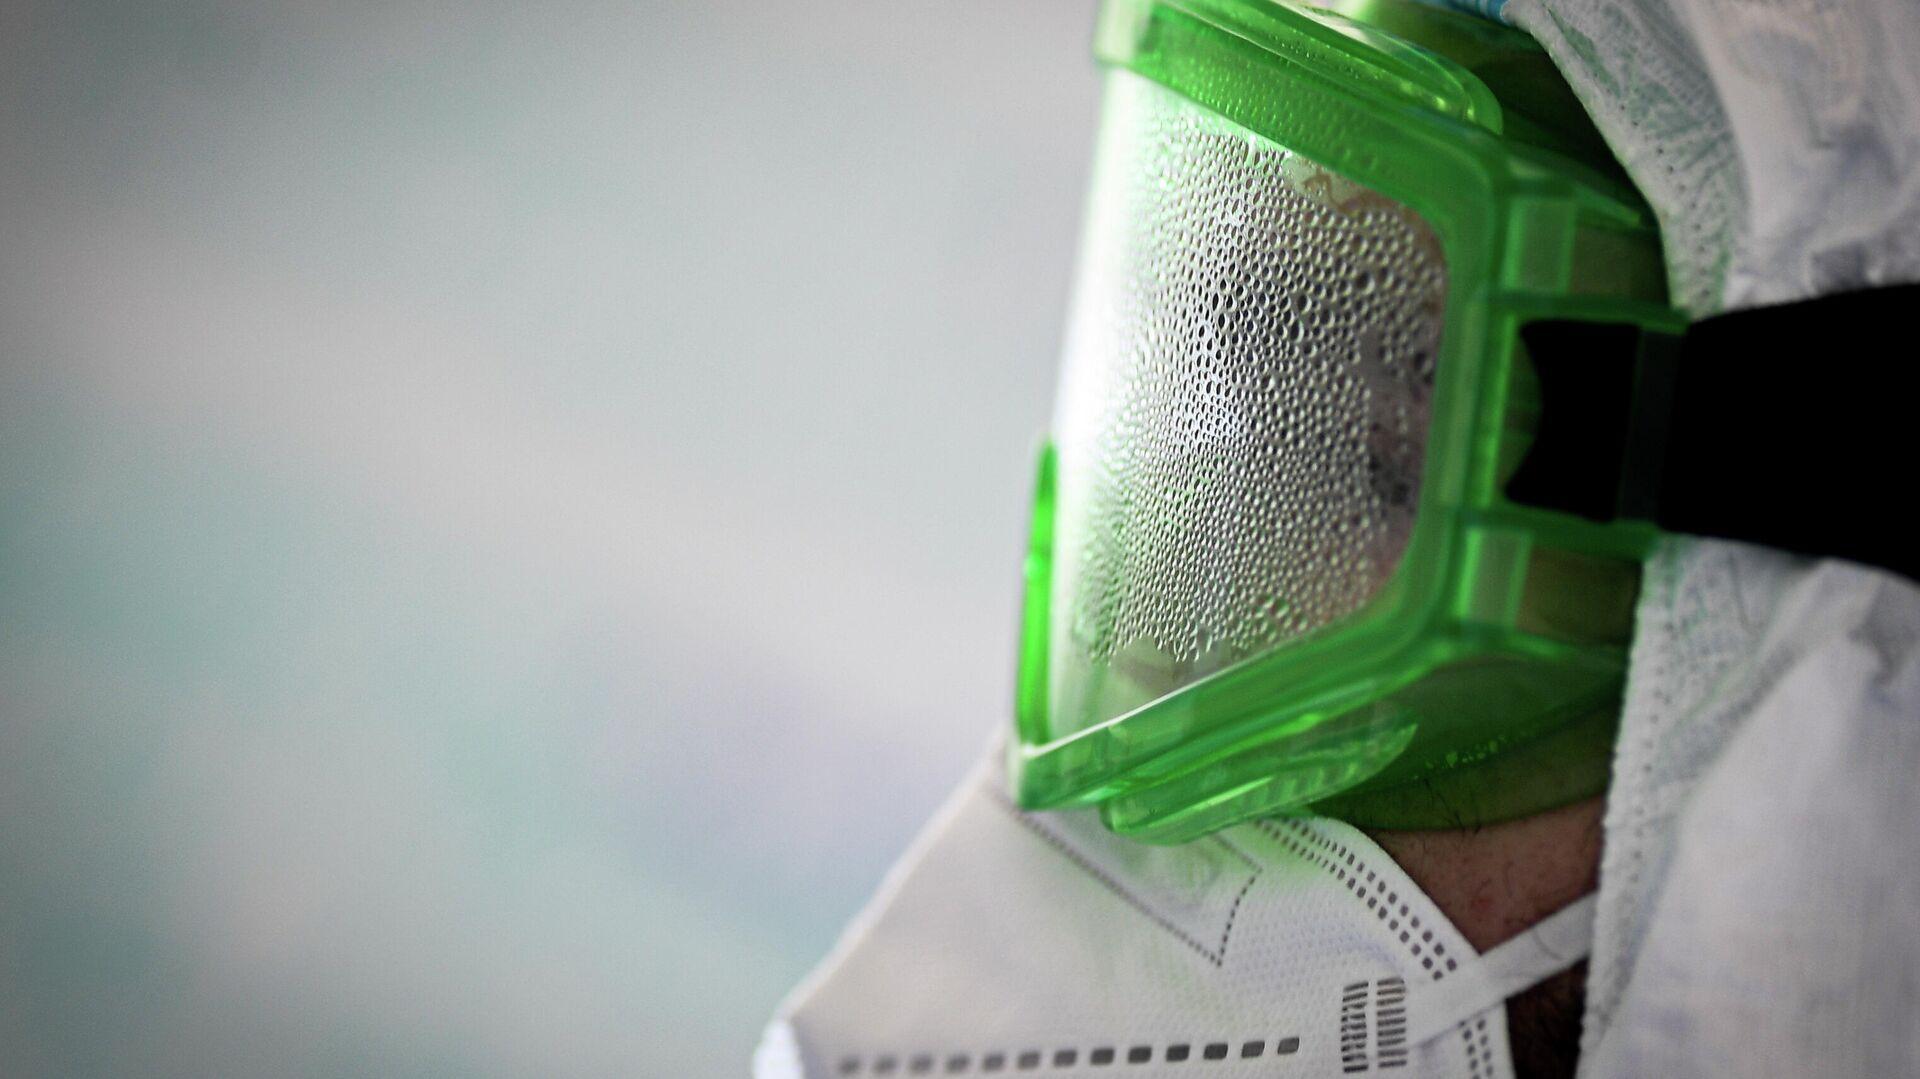 Врач в запотевших защитных очках во время работы в госпитале COVID-19 в ЦИТО им. Н. Н. Приорова - РИА Новости, 1920, 04.12.2020